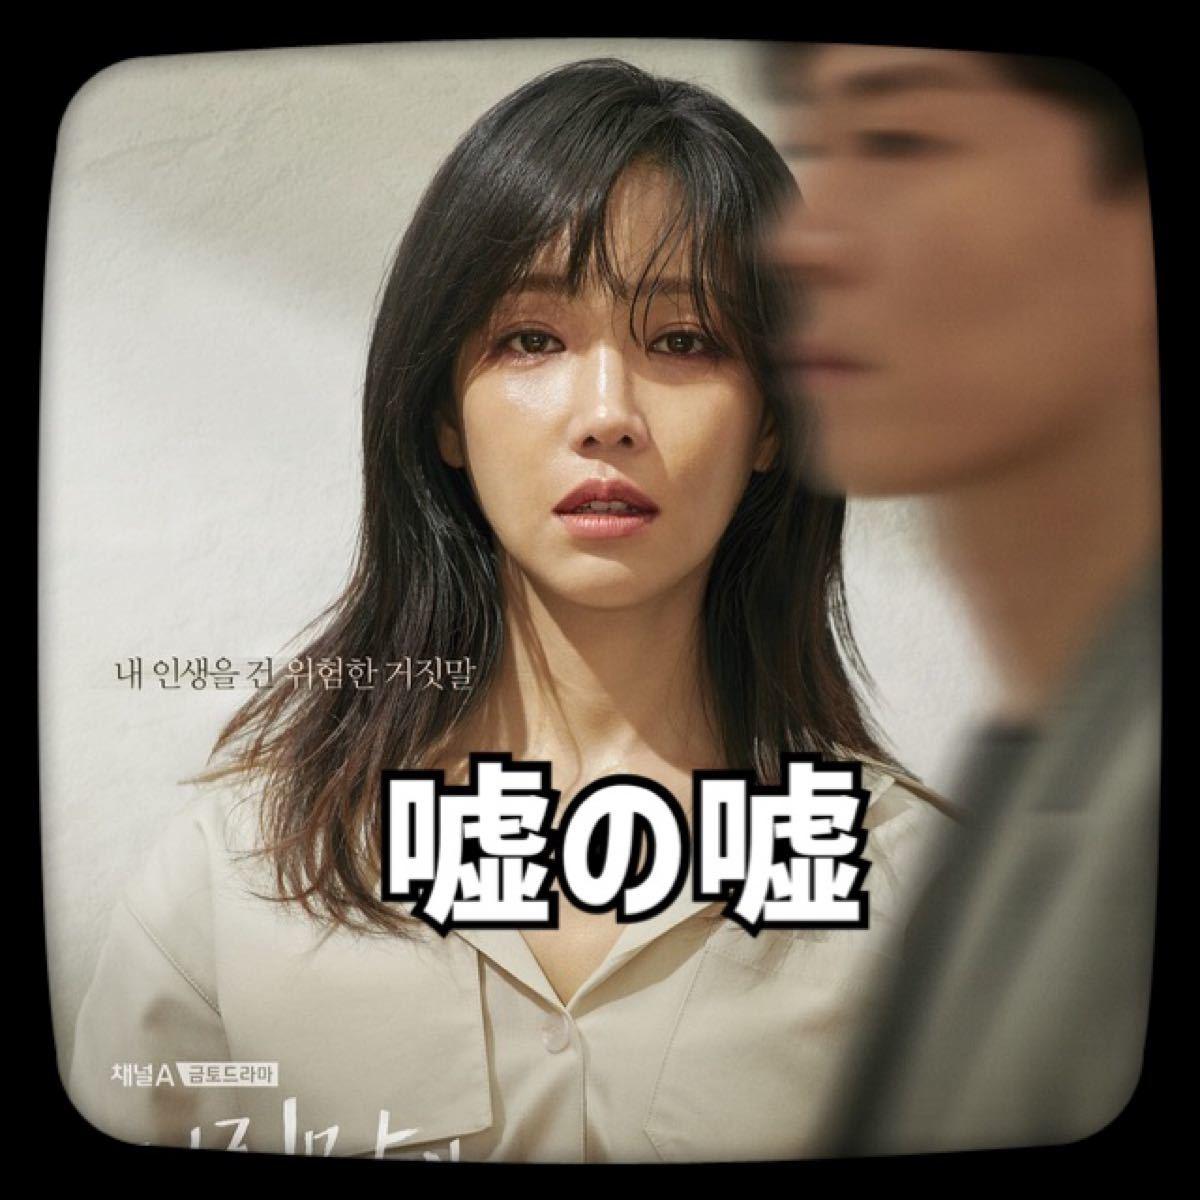 【嘘の嘘】Blu-ray 韓国ドラマ 韓流